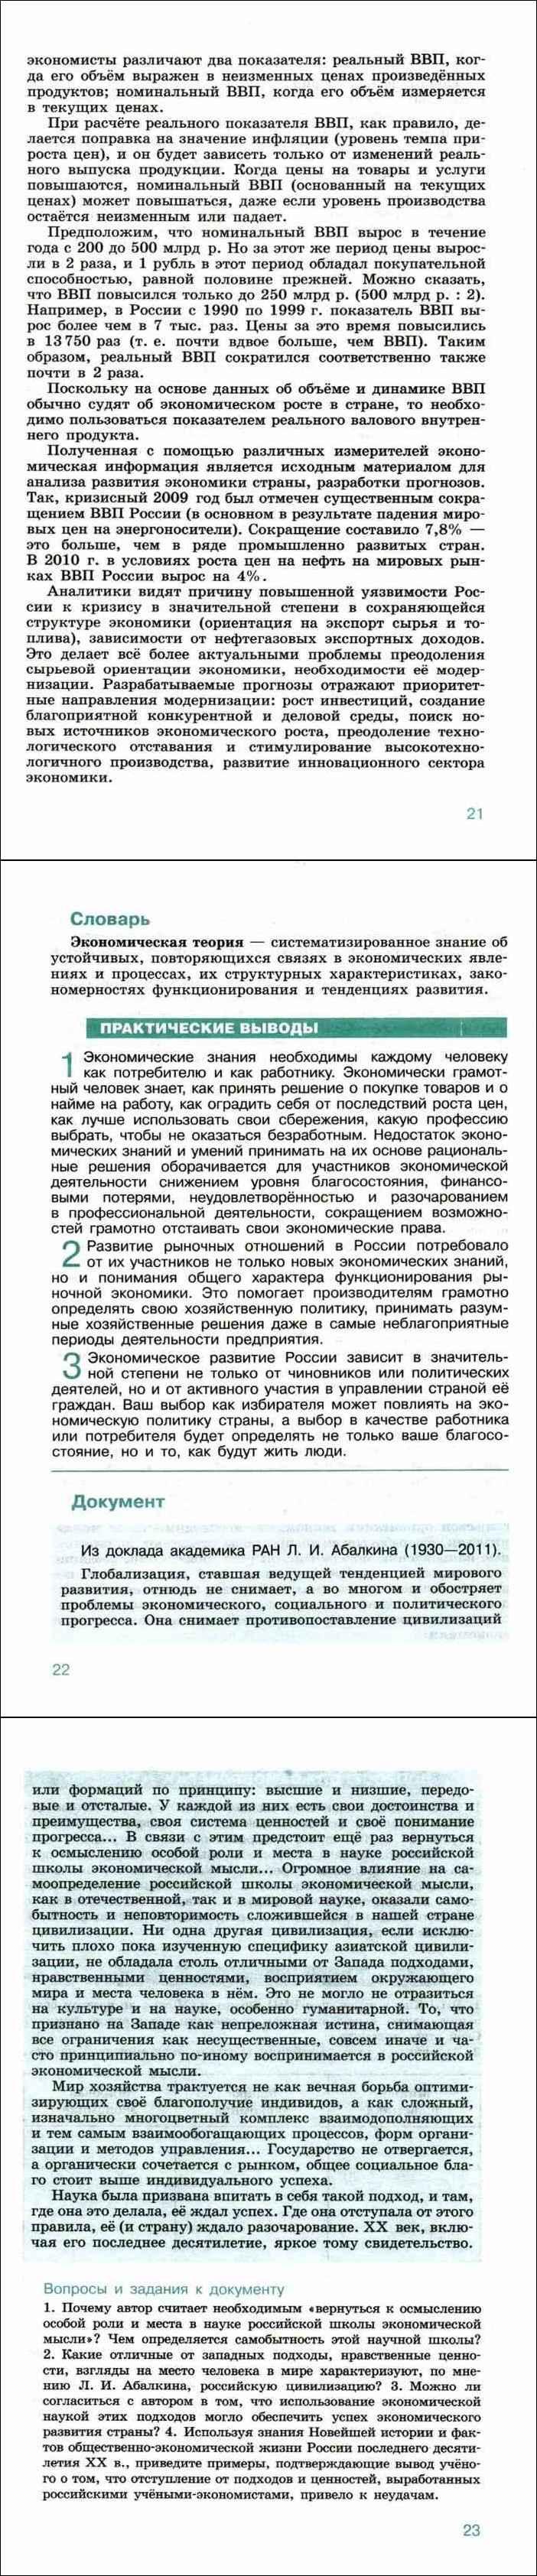 4.12. политическое участие. обществознание. полный курс подготовки к егэ